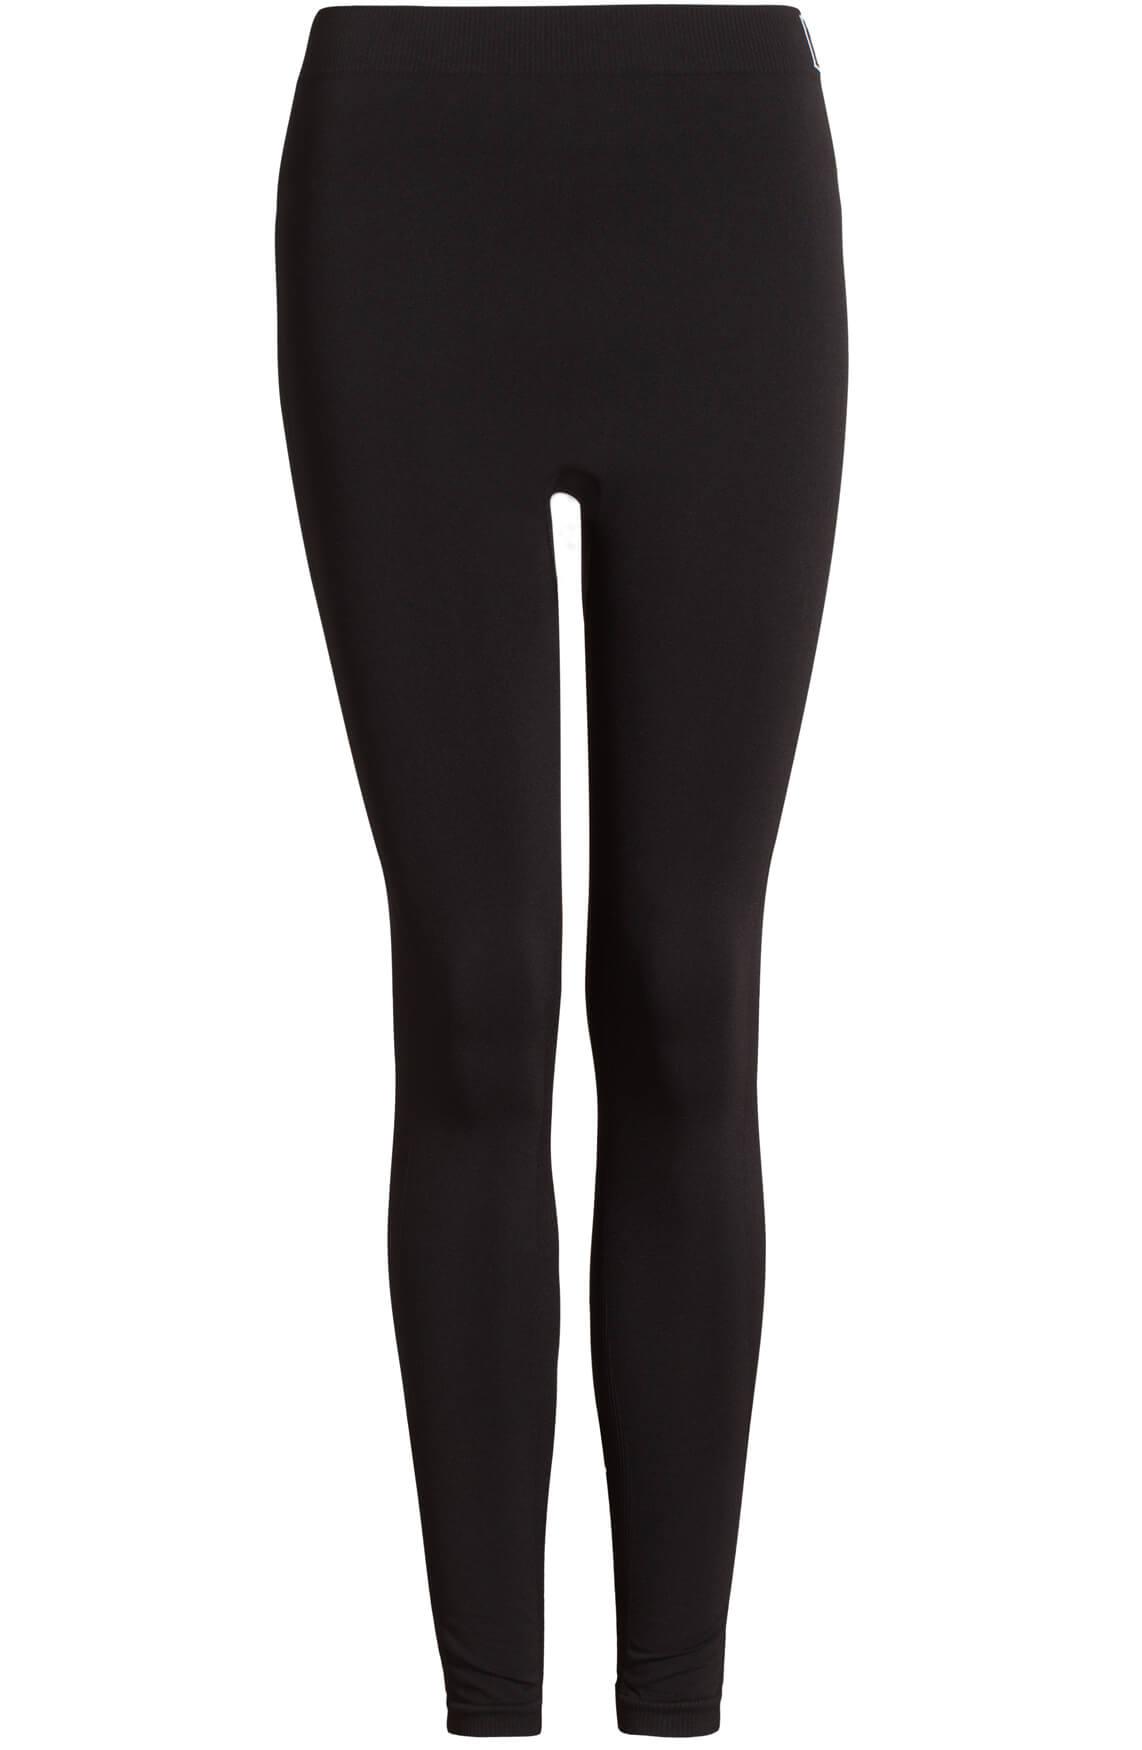 Anna Dames Seamless legging zwart